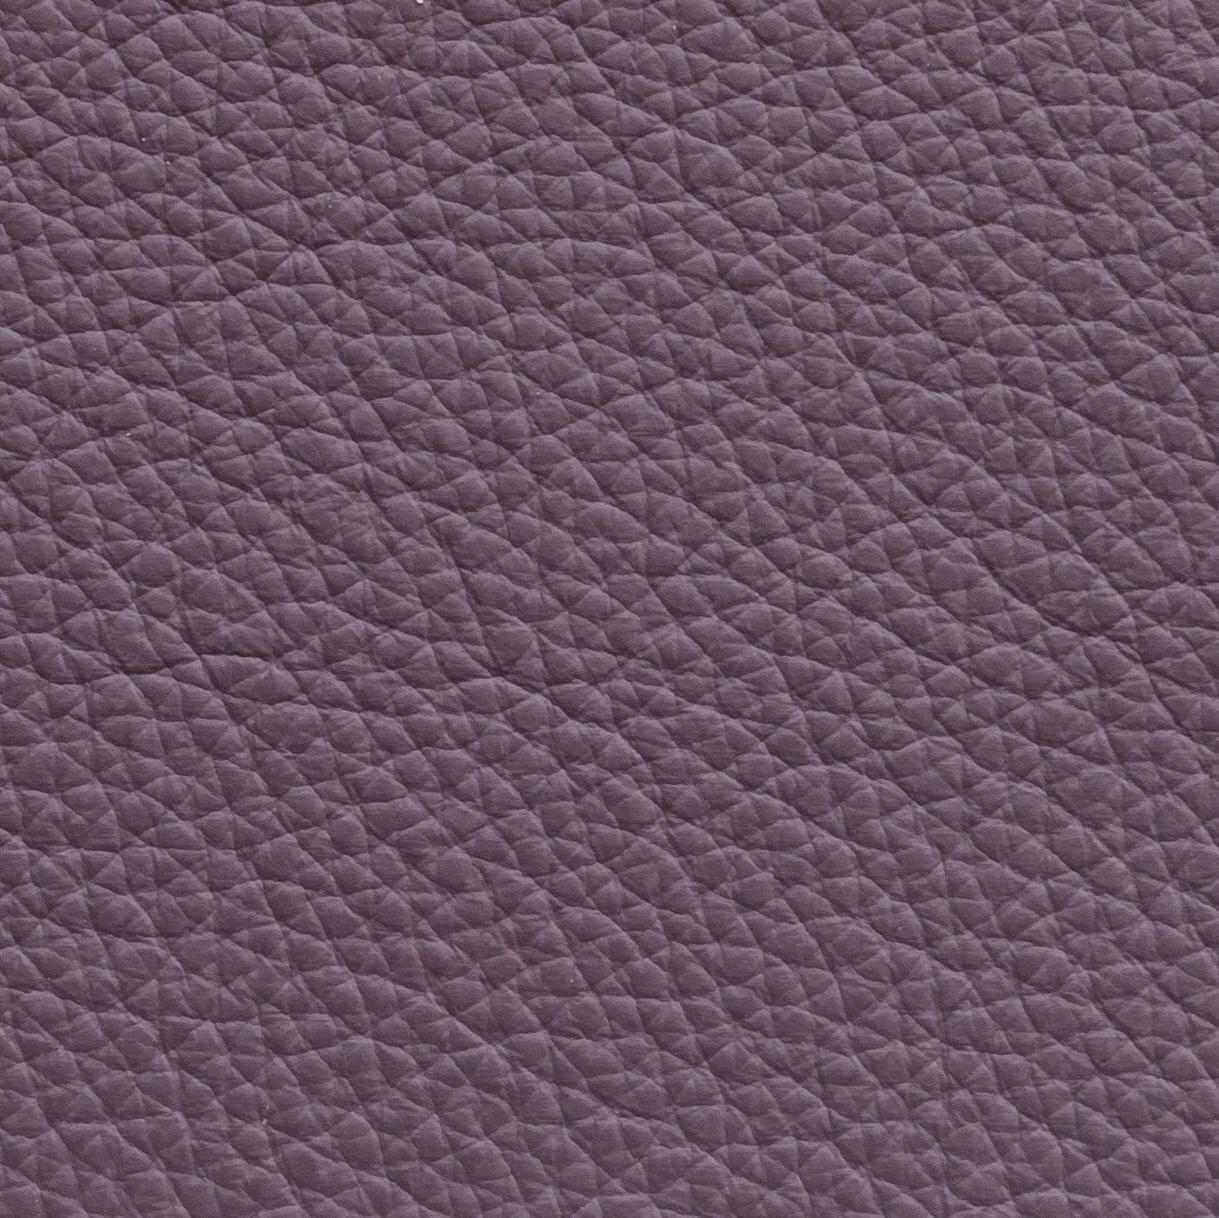 Lavender - calf taurillon